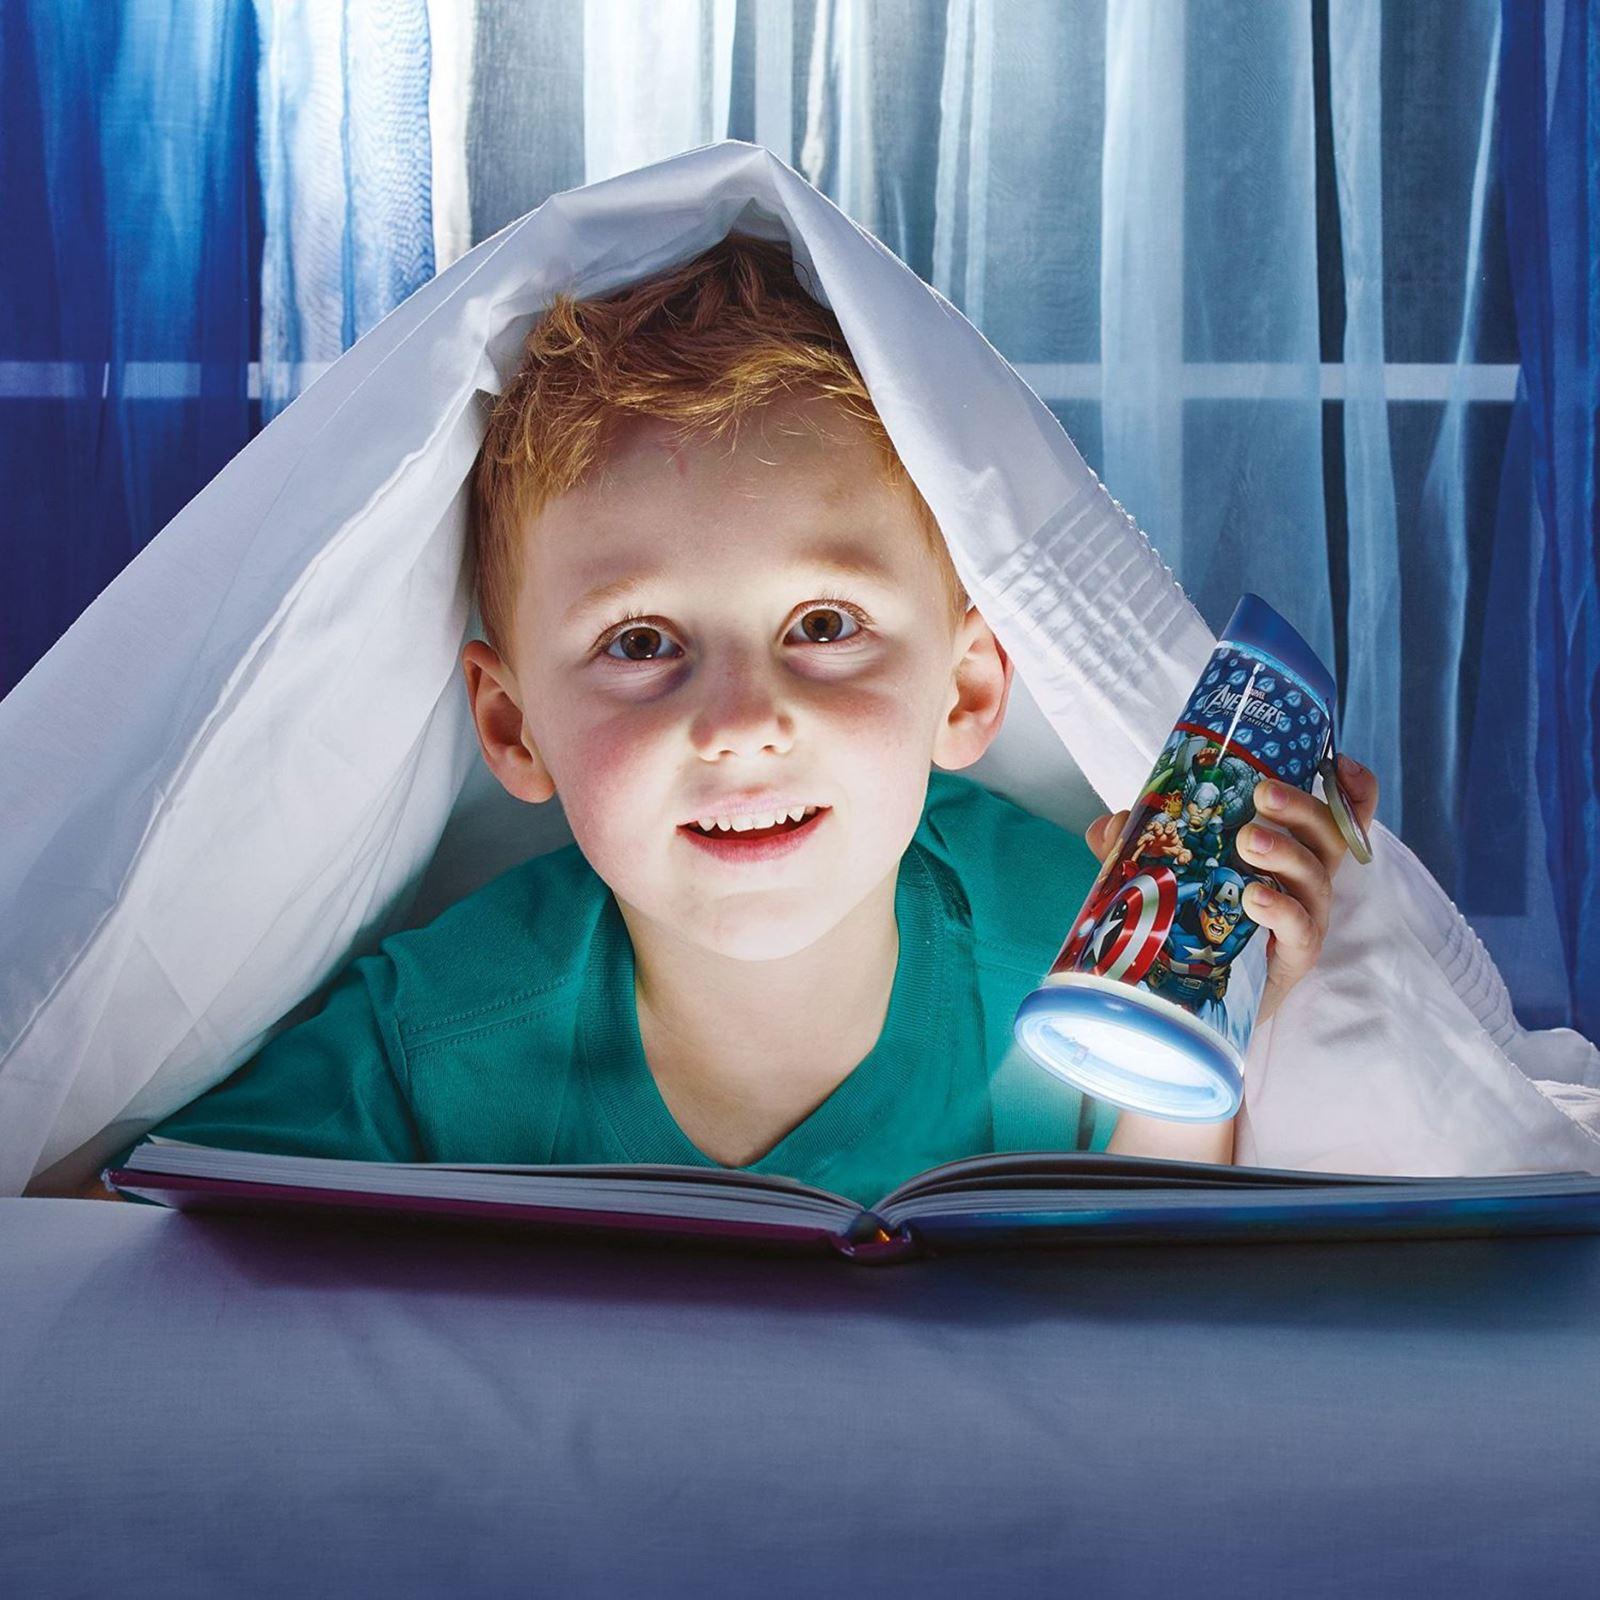 Indexbild 37 - Go Glow Nacht Beam Kipp Torch Beleuchtung Licht Kinder Schlafzimmer